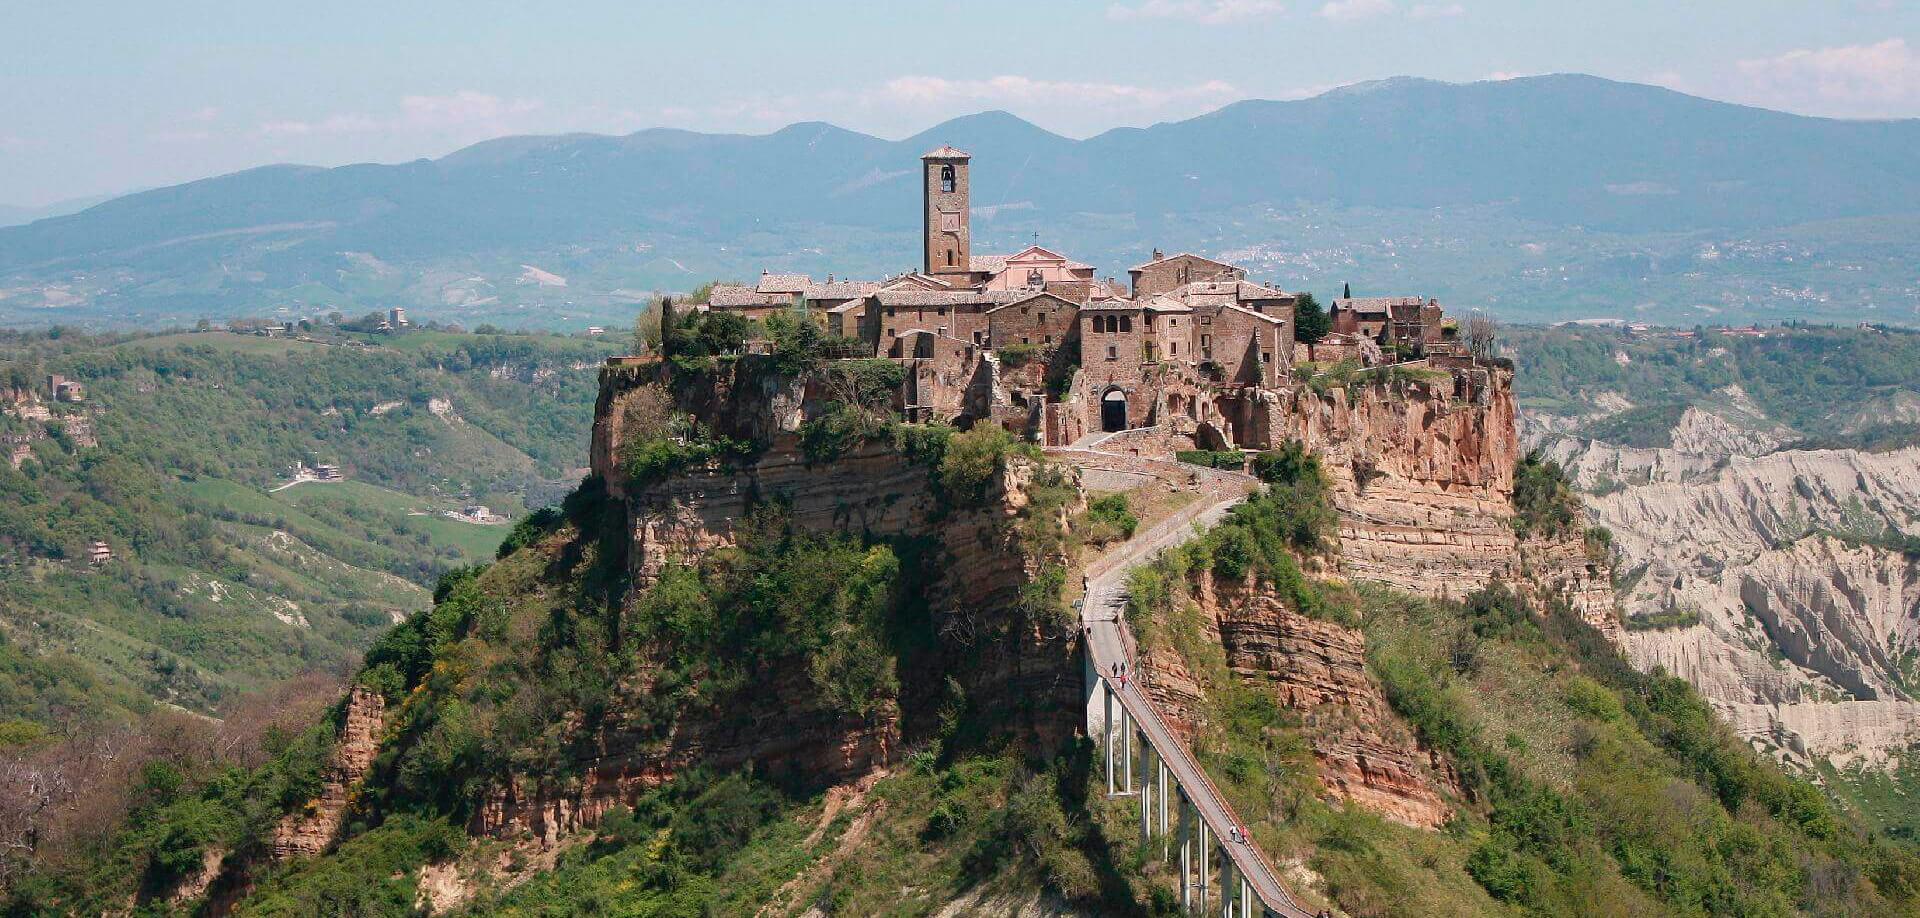 Siena - Civitavechhia